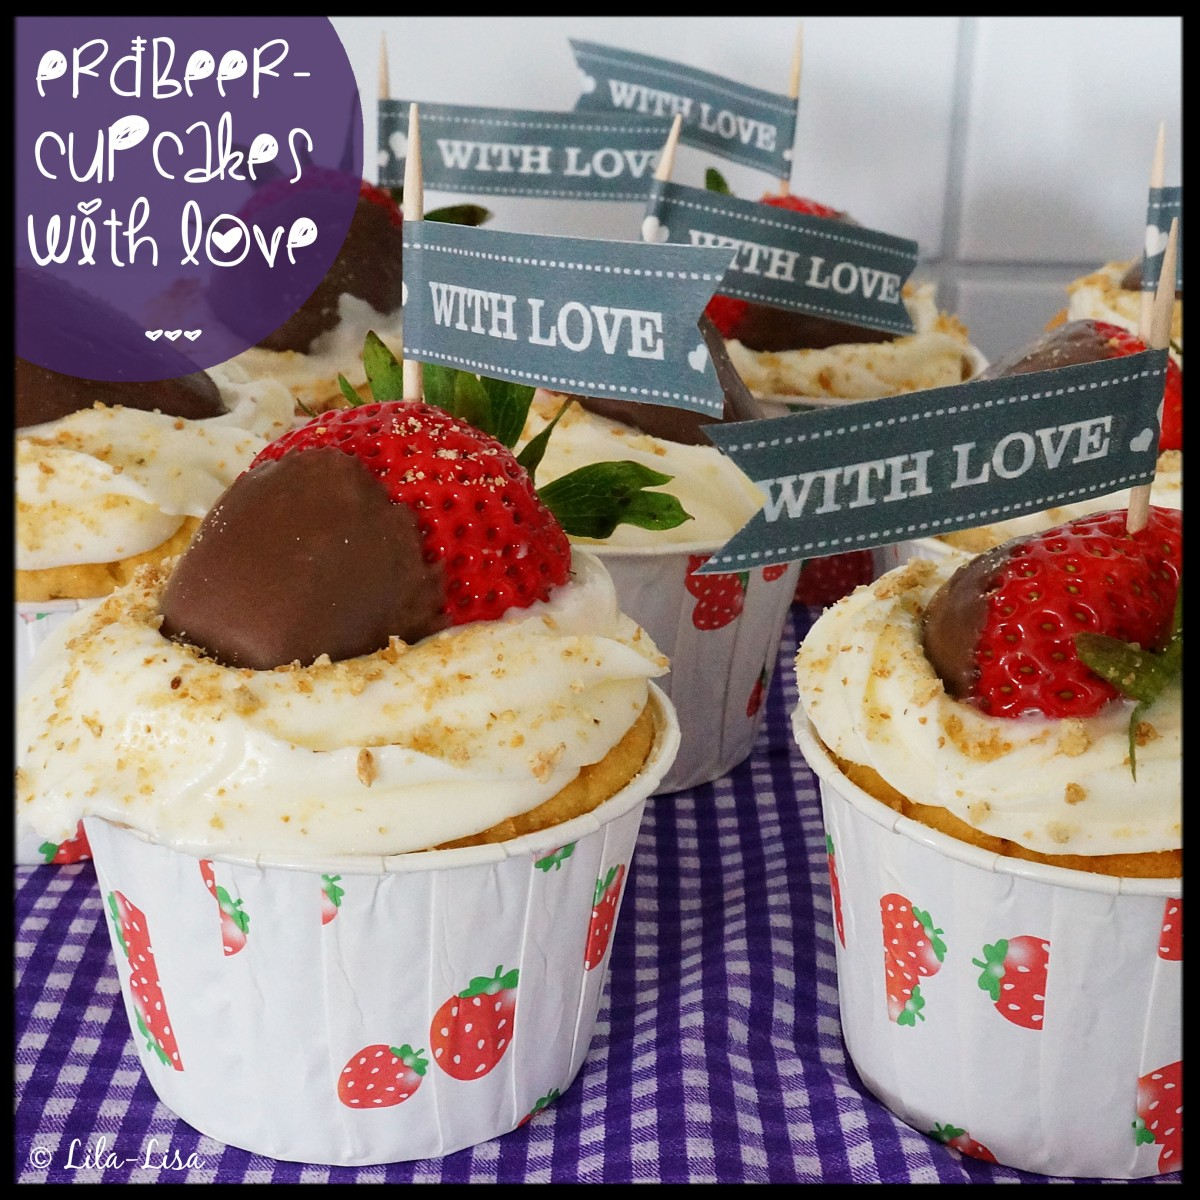 Happy Berry: Erdbeer-Cupcakes mit Frischkäse-Frosting